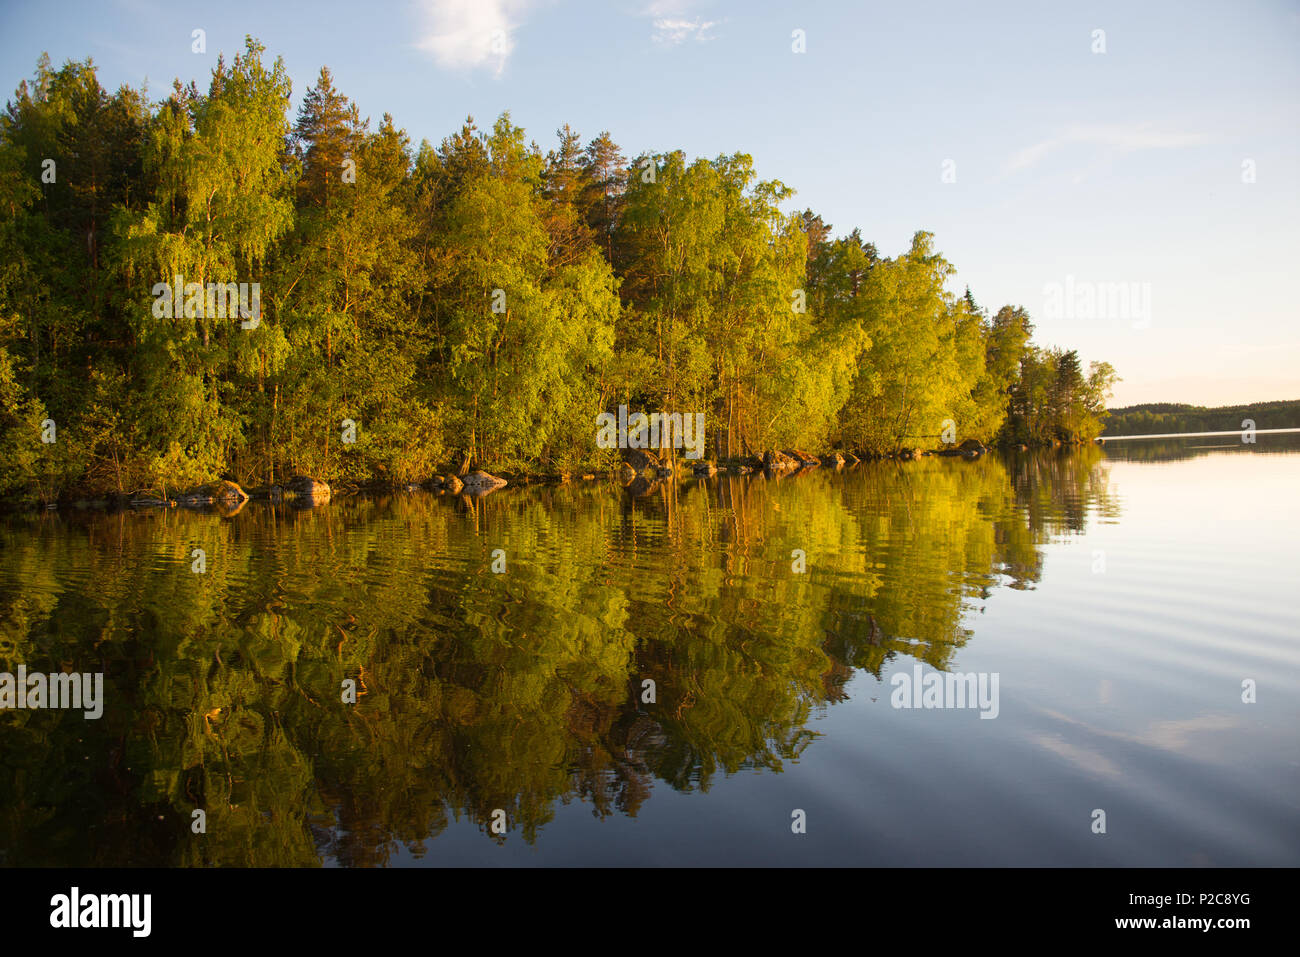 Golden reflection. Lake Kukkia, Luopioinen, Finland.järvimaisema Stock Photo